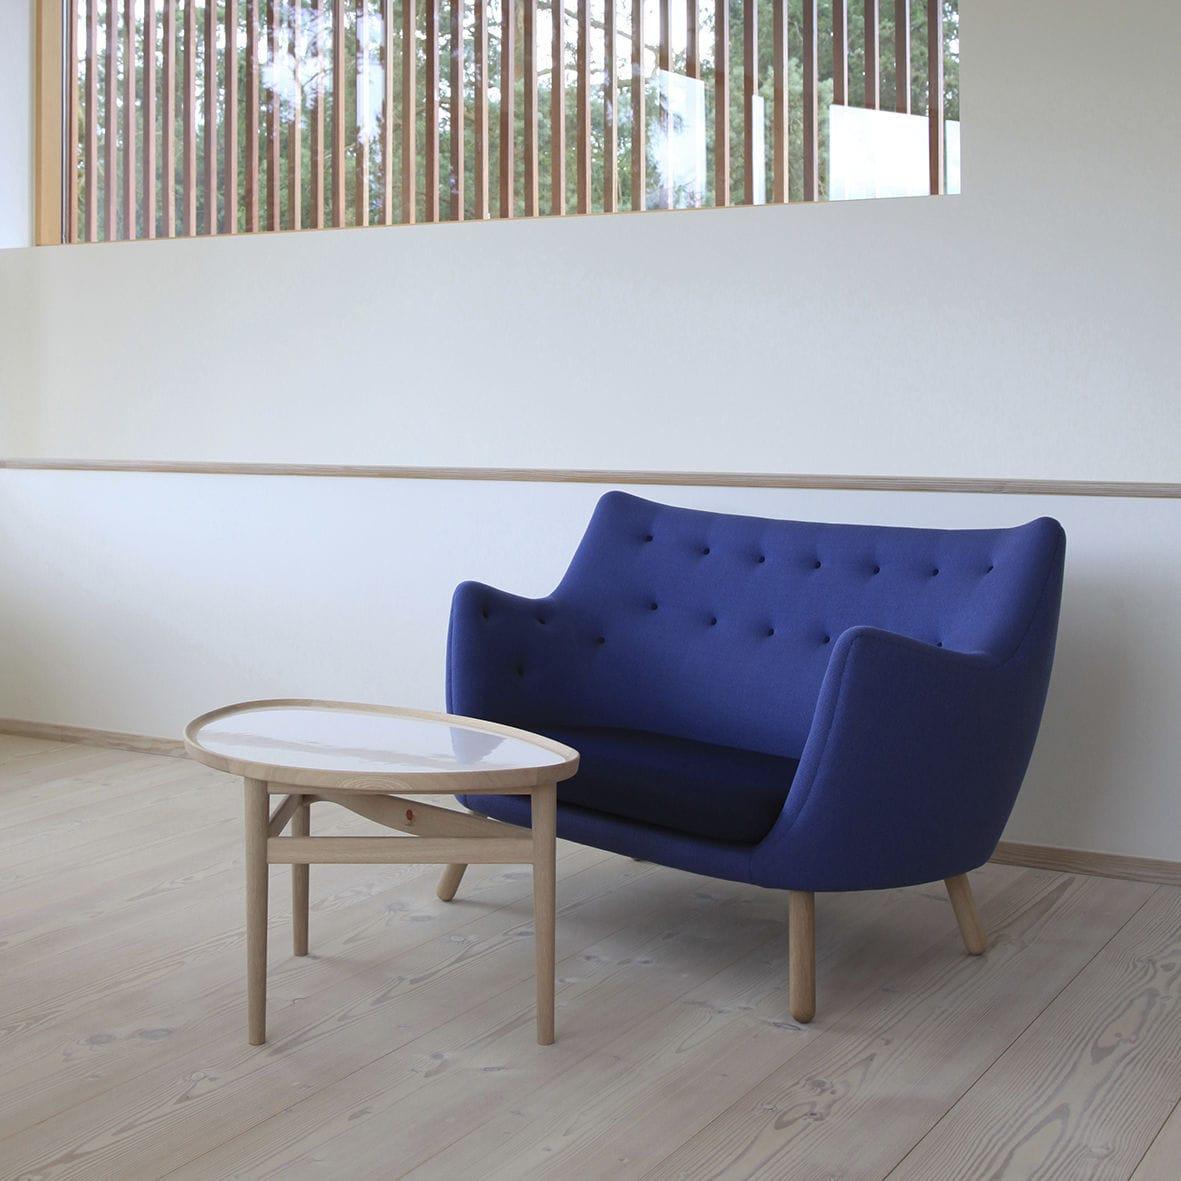 Connu Canapé design scandinave / bois / en tissu / par Finn Juhl - POET  ZR56